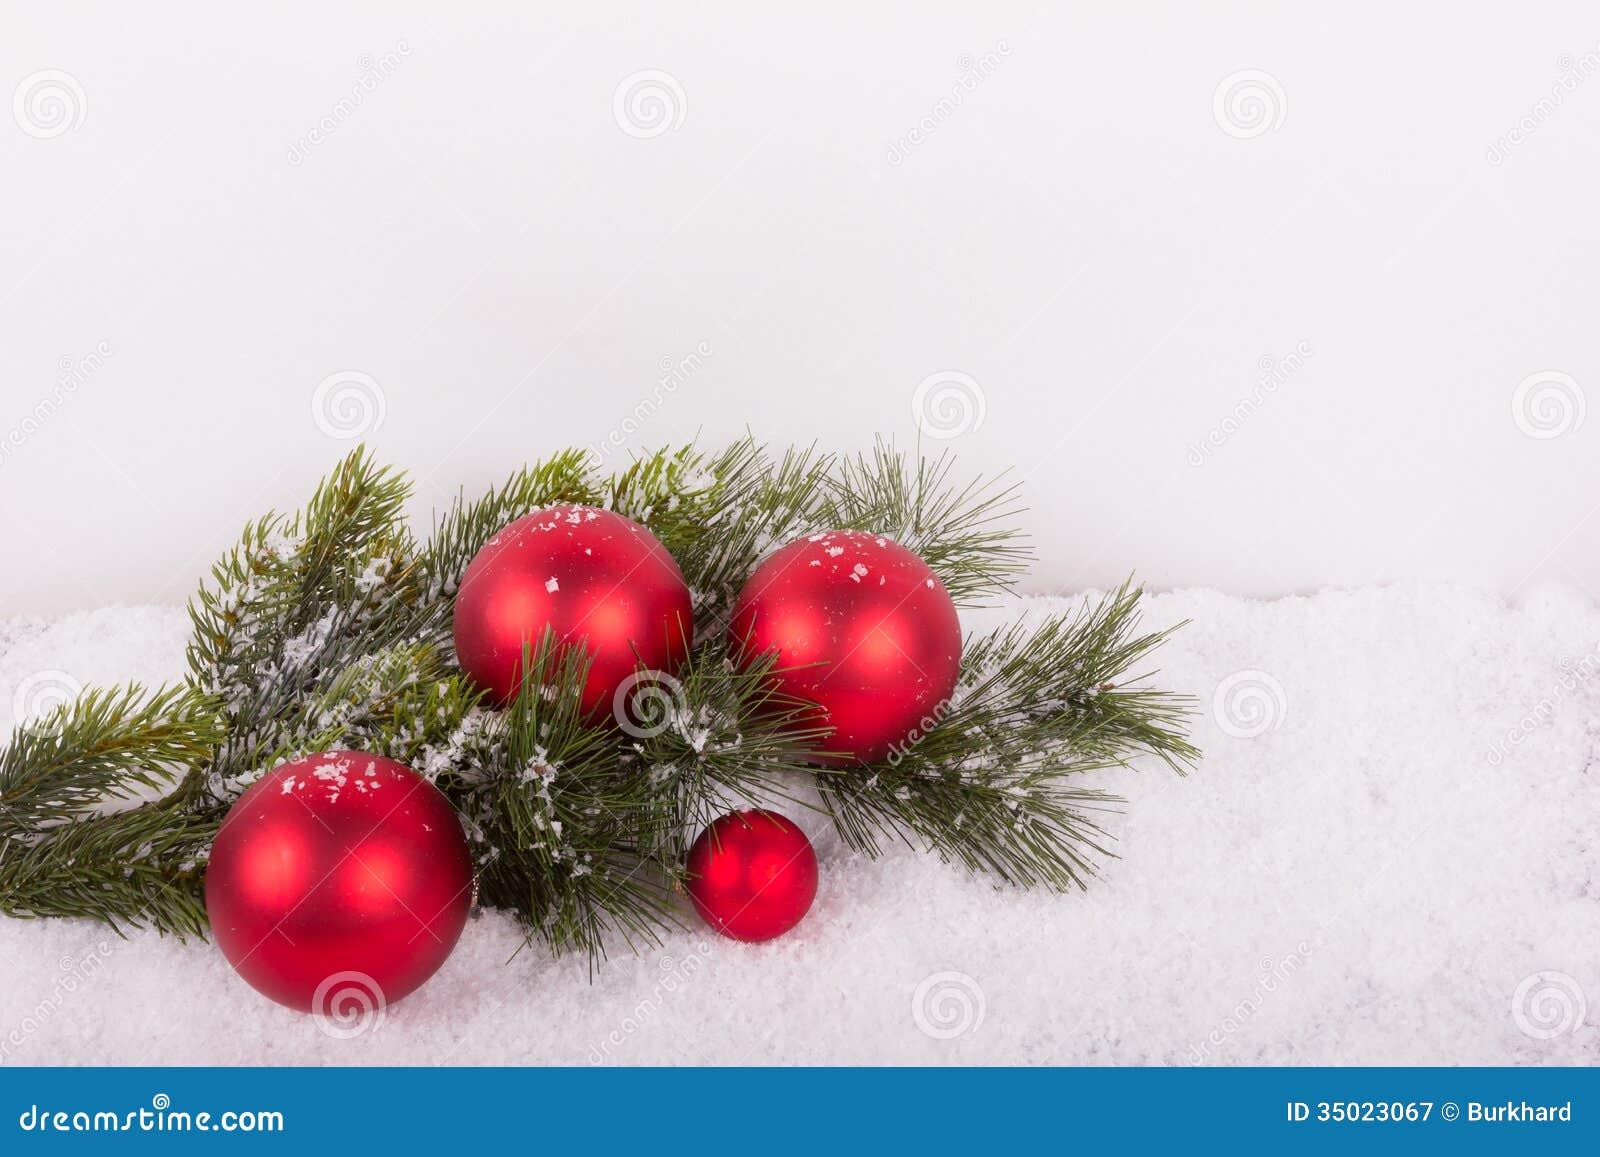 #B51631 Branche De Sapin Avec Les Boules Rouges De Noël Dans La  6371 decoration noel exterieur avec branche sapin 1300x957 px @ aertt.com